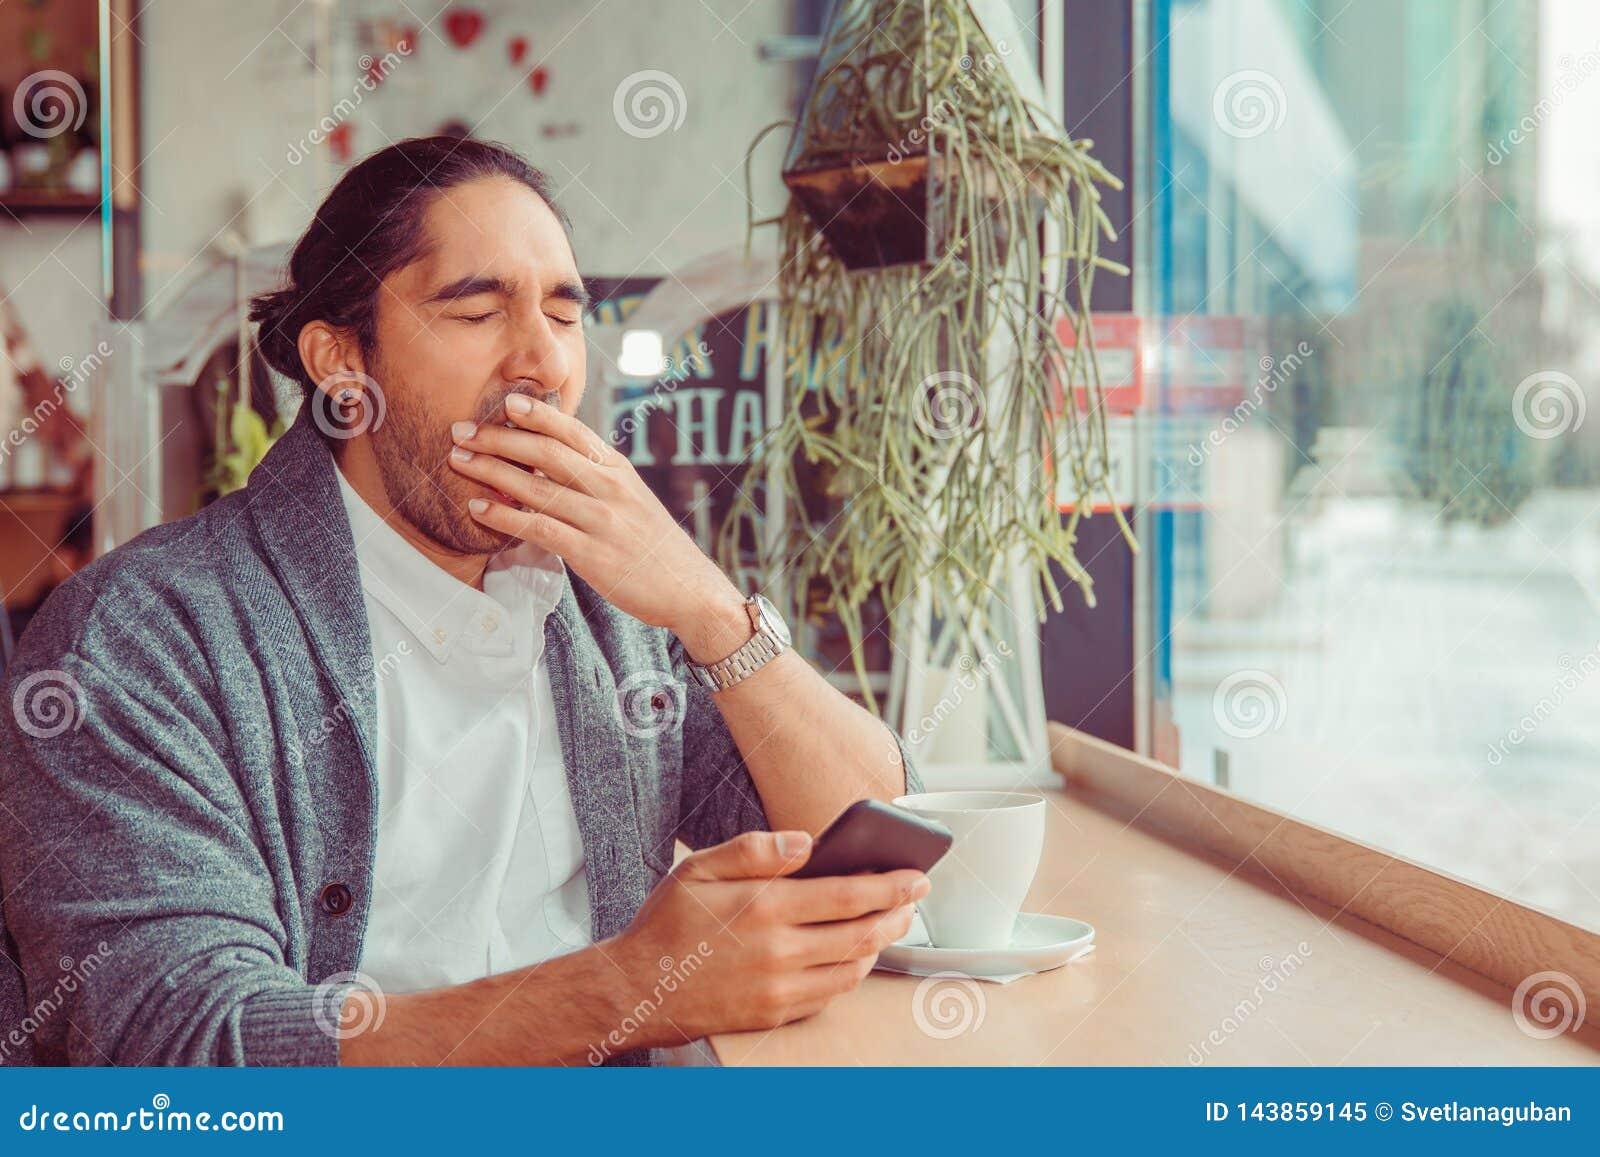 Homem engraçado sonolento, mão na boca que boceja olhando o telefone esperto que está sendo furado pela conversa telefônica,